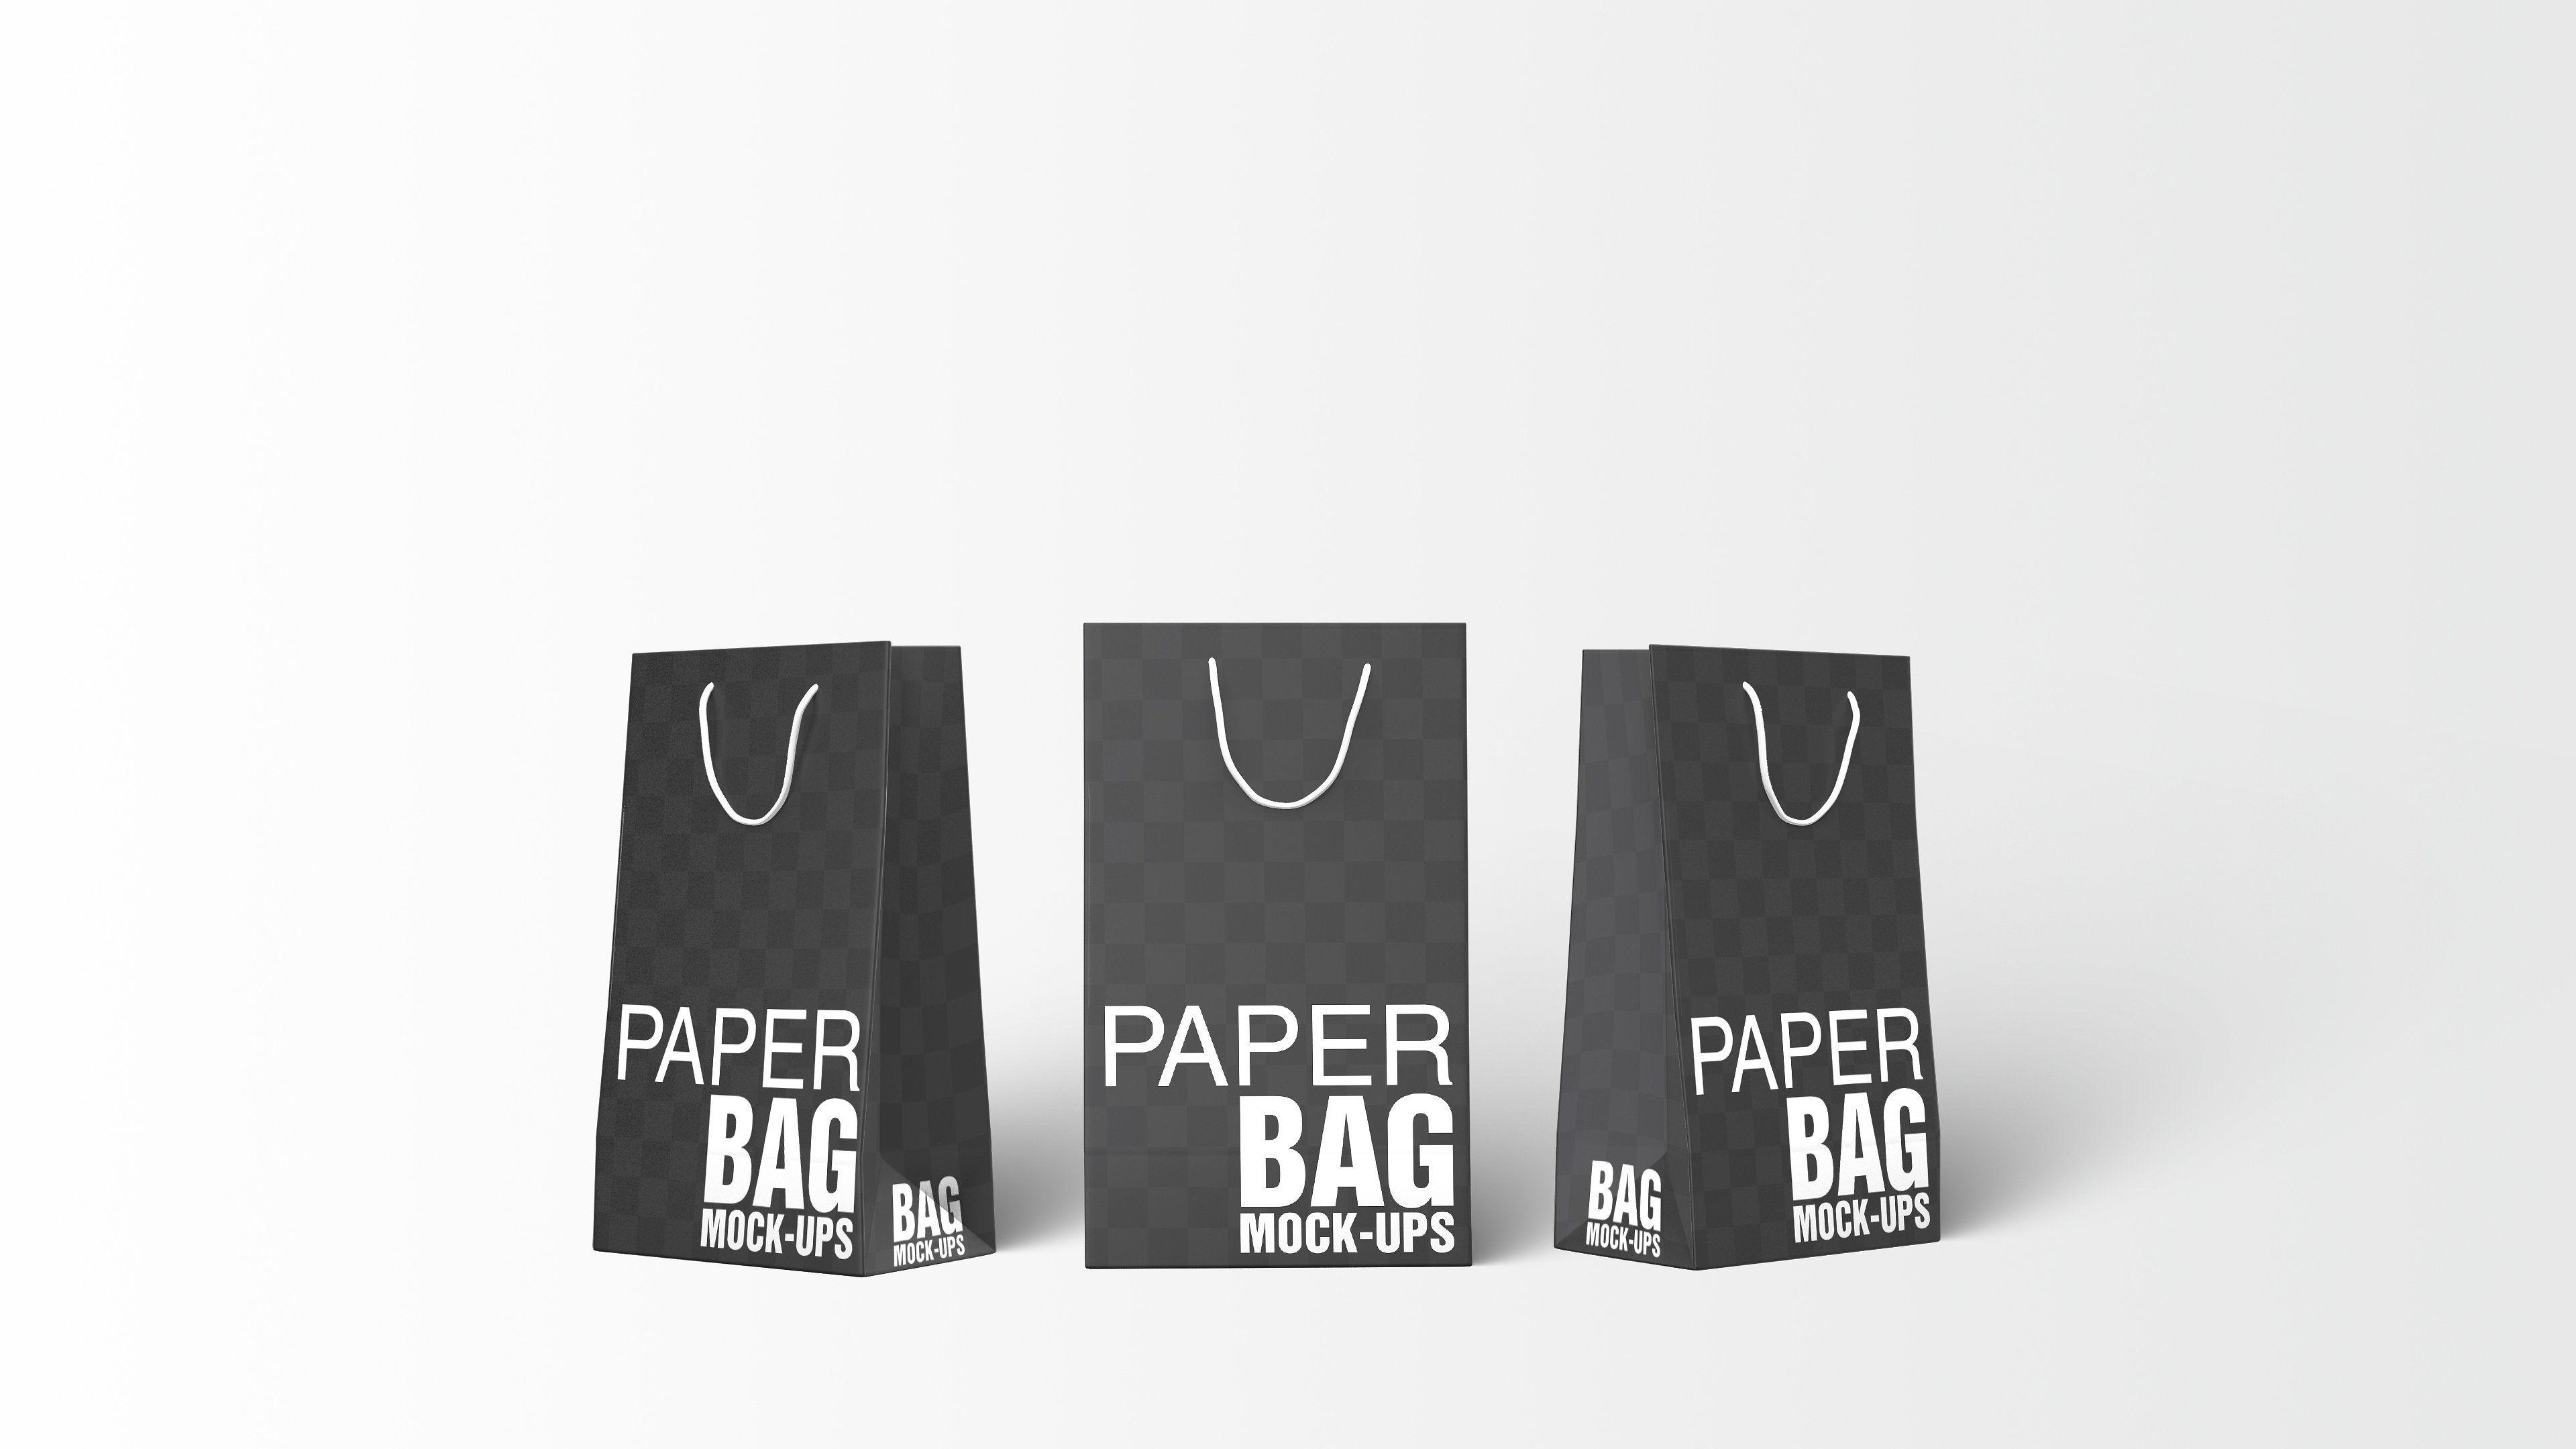 Download Paper Shopping Bag Mockups Bundle Bag Mockup My Other Bag Paper Shopping Bag